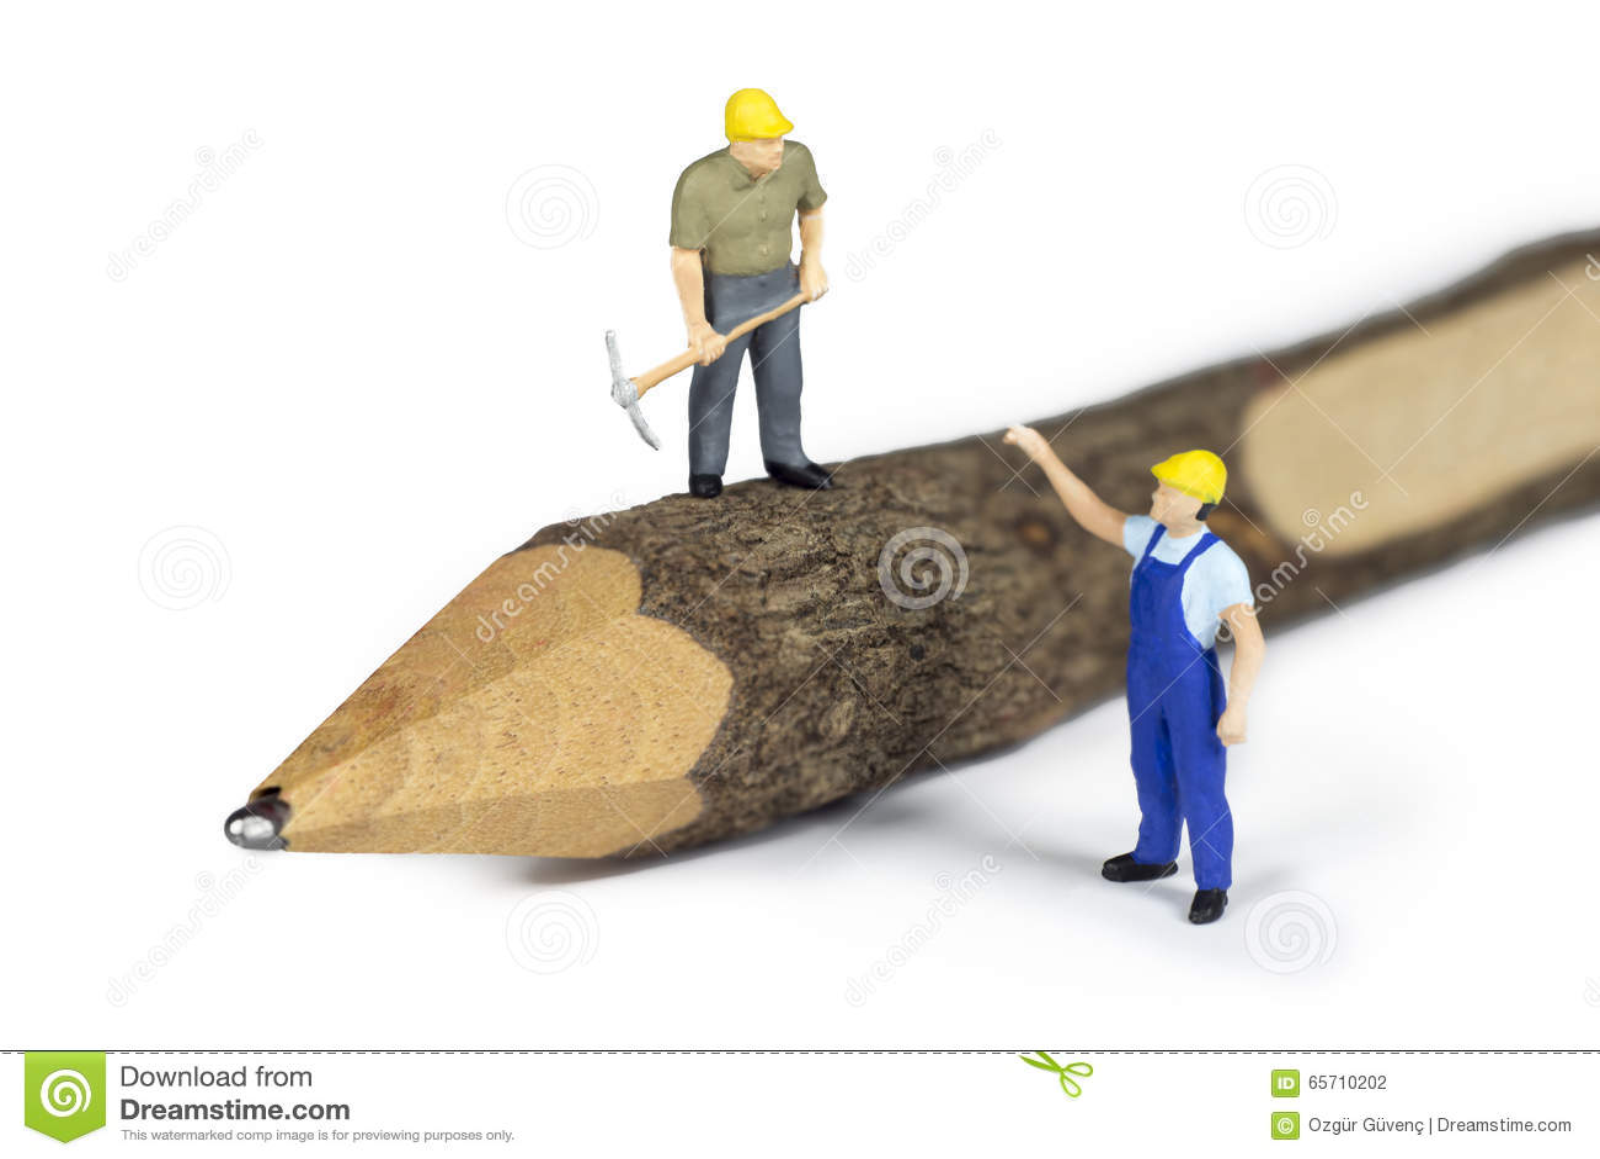 Trabajadores de construcción miniatura encima de un lápiz